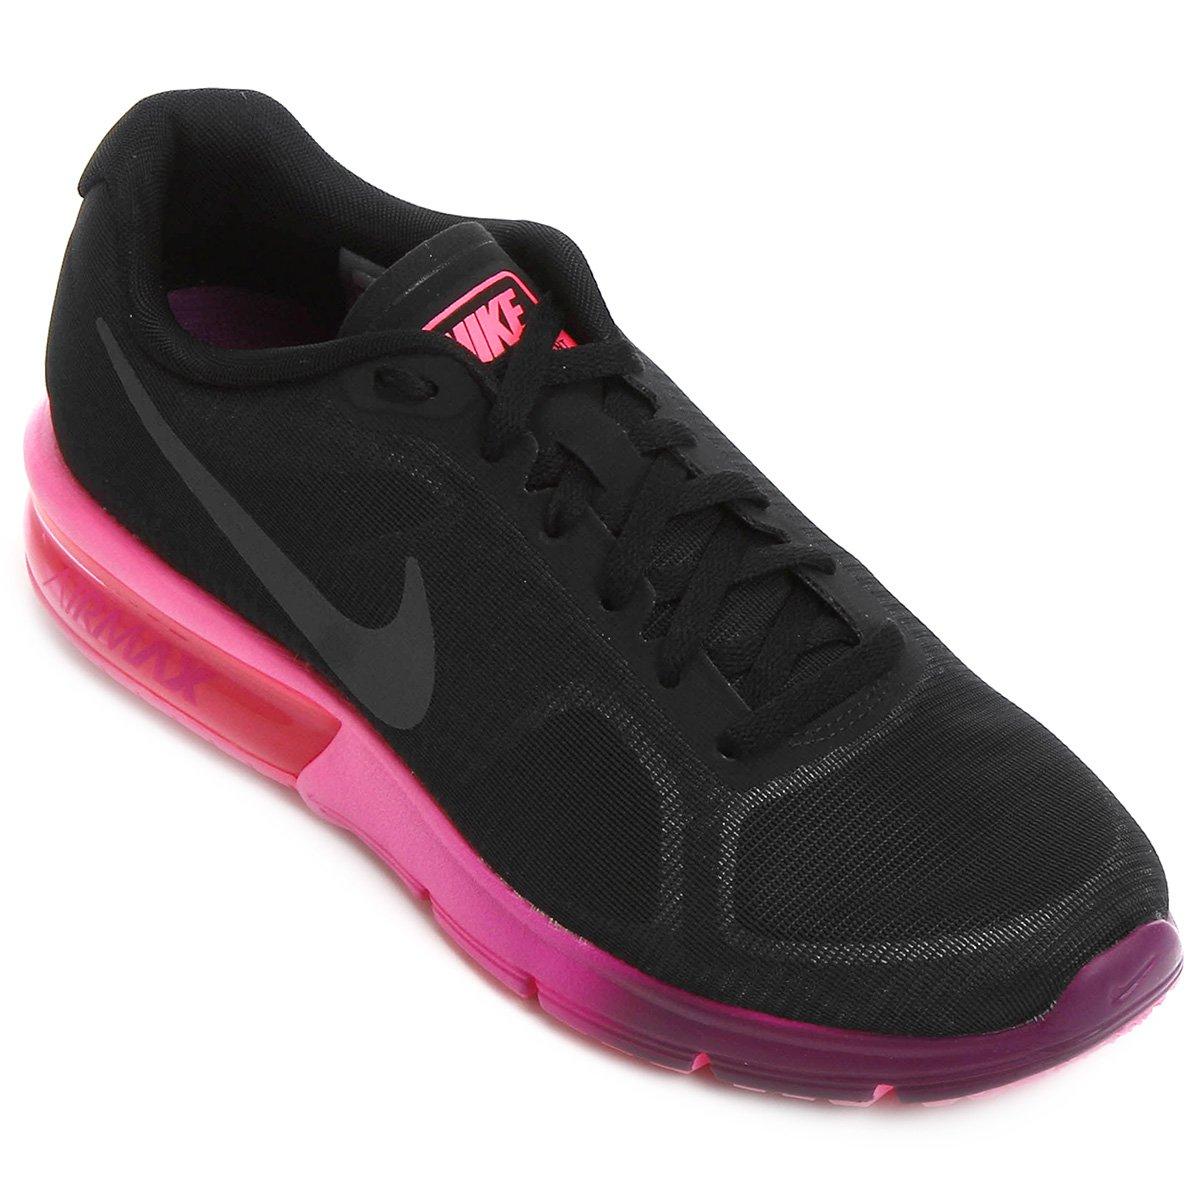 9f019036f4408 Tênis Nike Air Max Sequent Feminino - Compre Agora   Loja do Inter